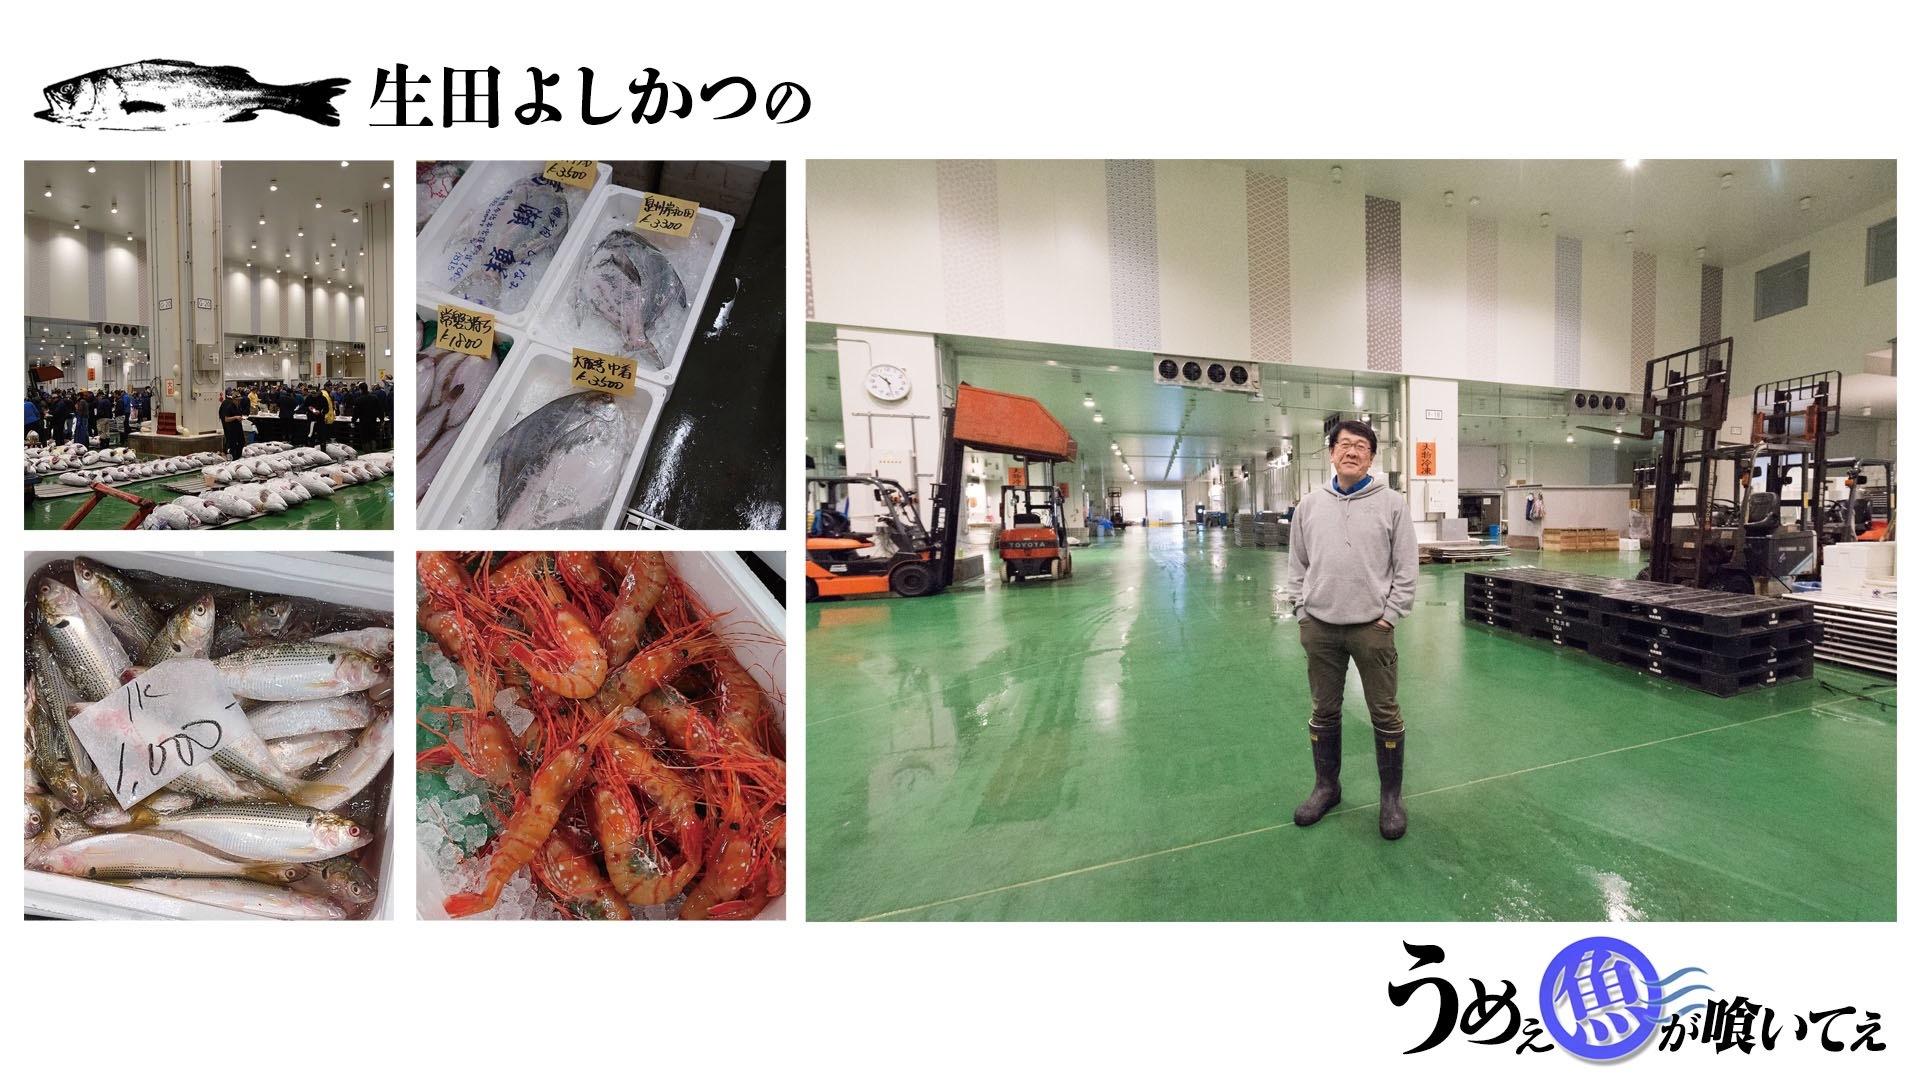 生田よしかつという魚河岸のおっさん